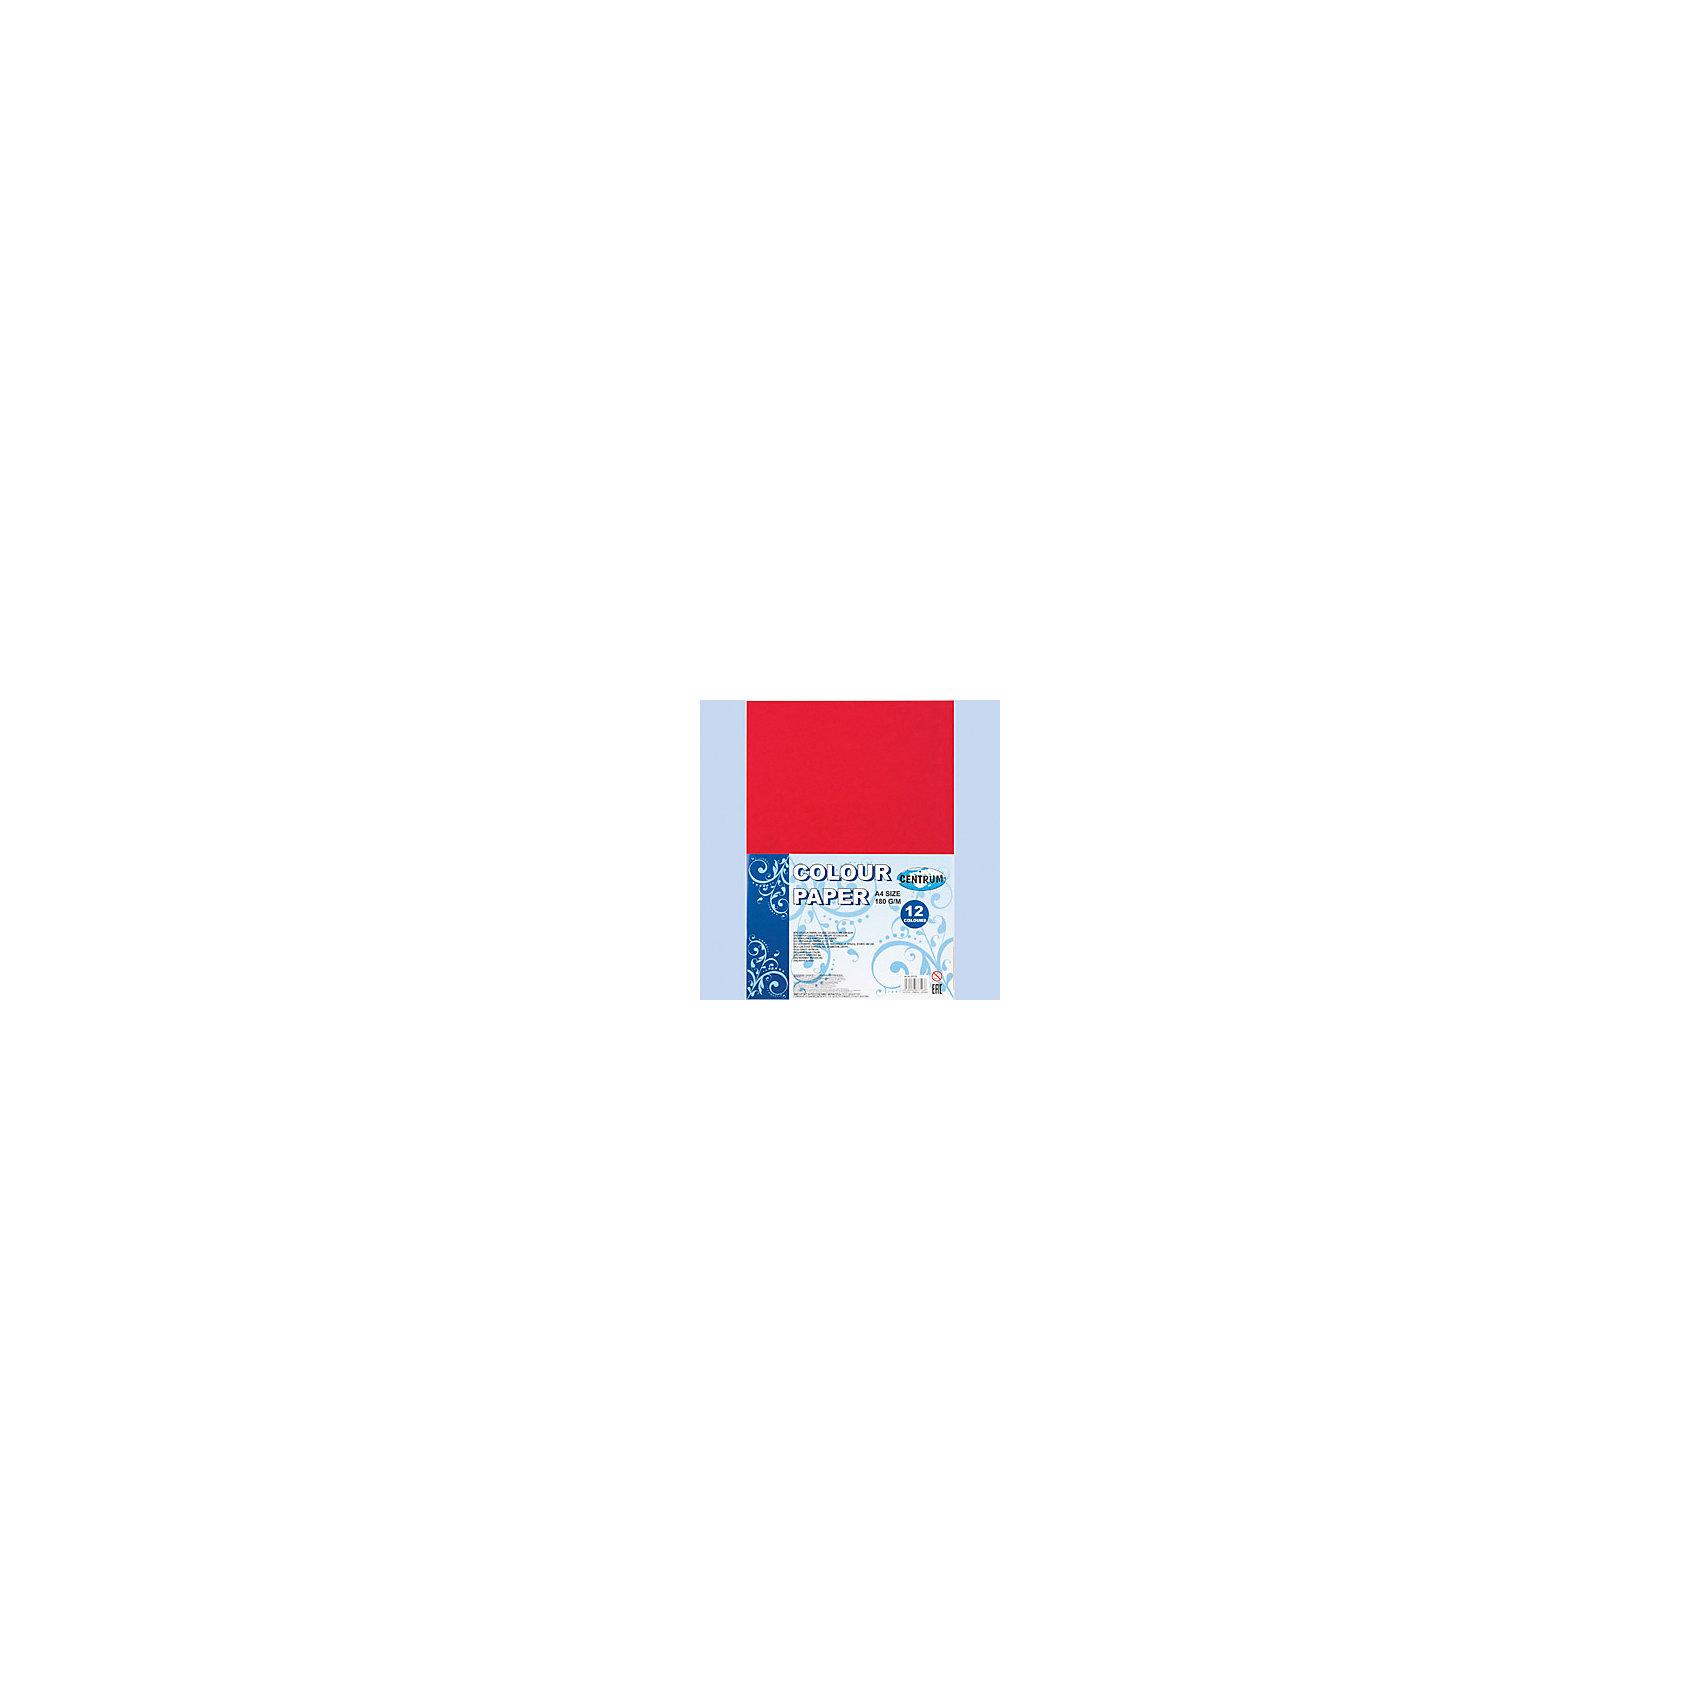 Centrum Набор декоративной бумаги для детского творчества, формат А4, 12 цветов, 180 г., двусторонняяРисование<br>Набор декоративной бумаги для детского творчества, формат А4, 12 цветов, 180 г., двусторонняя<br><br>Ширина мм: 3<br>Глубина мм: 211<br>Высота мм: 298<br>Вес г: 149<br>Возраст от месяцев: 72<br>Возраст до месяцев: 2147483647<br>Пол: Унисекс<br>Возраст: Детский<br>SKU: 6846762